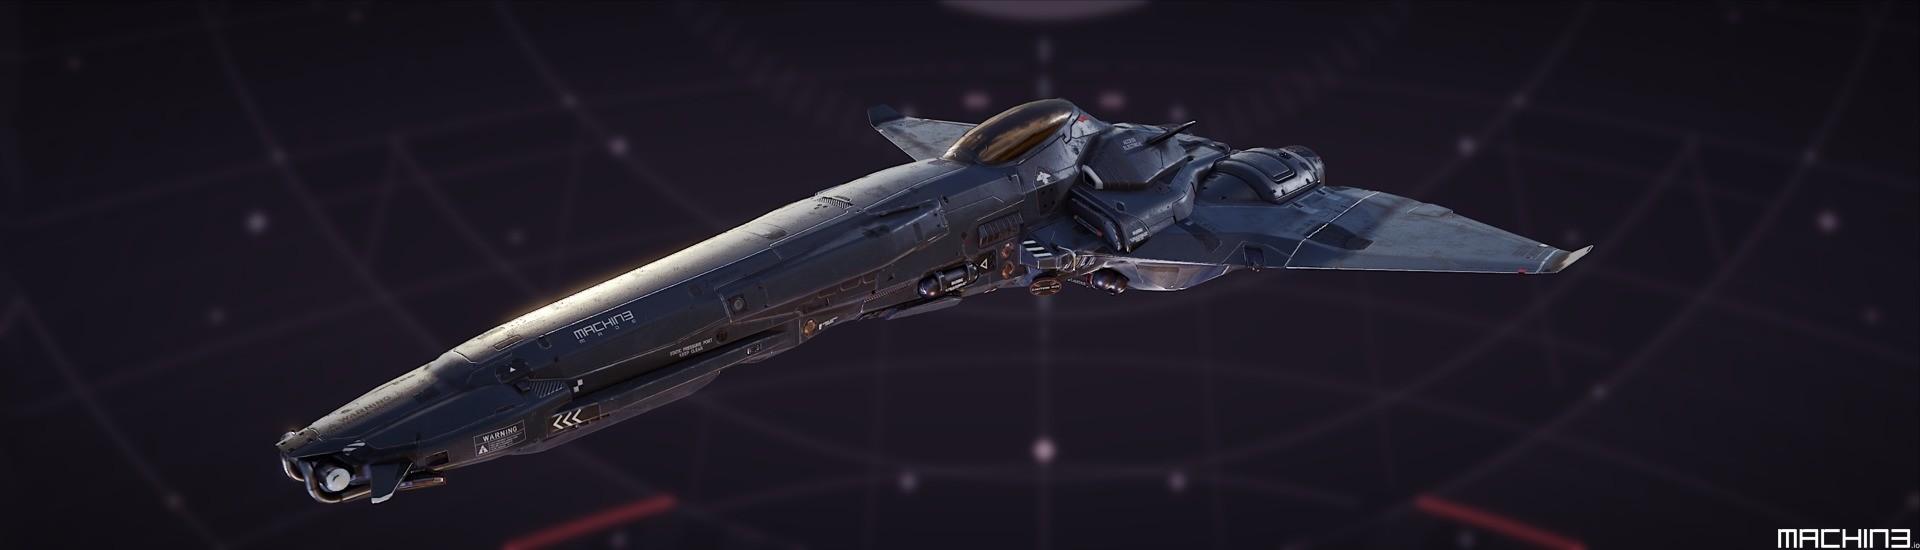 machin-starfighter-render1.jpg?149080008